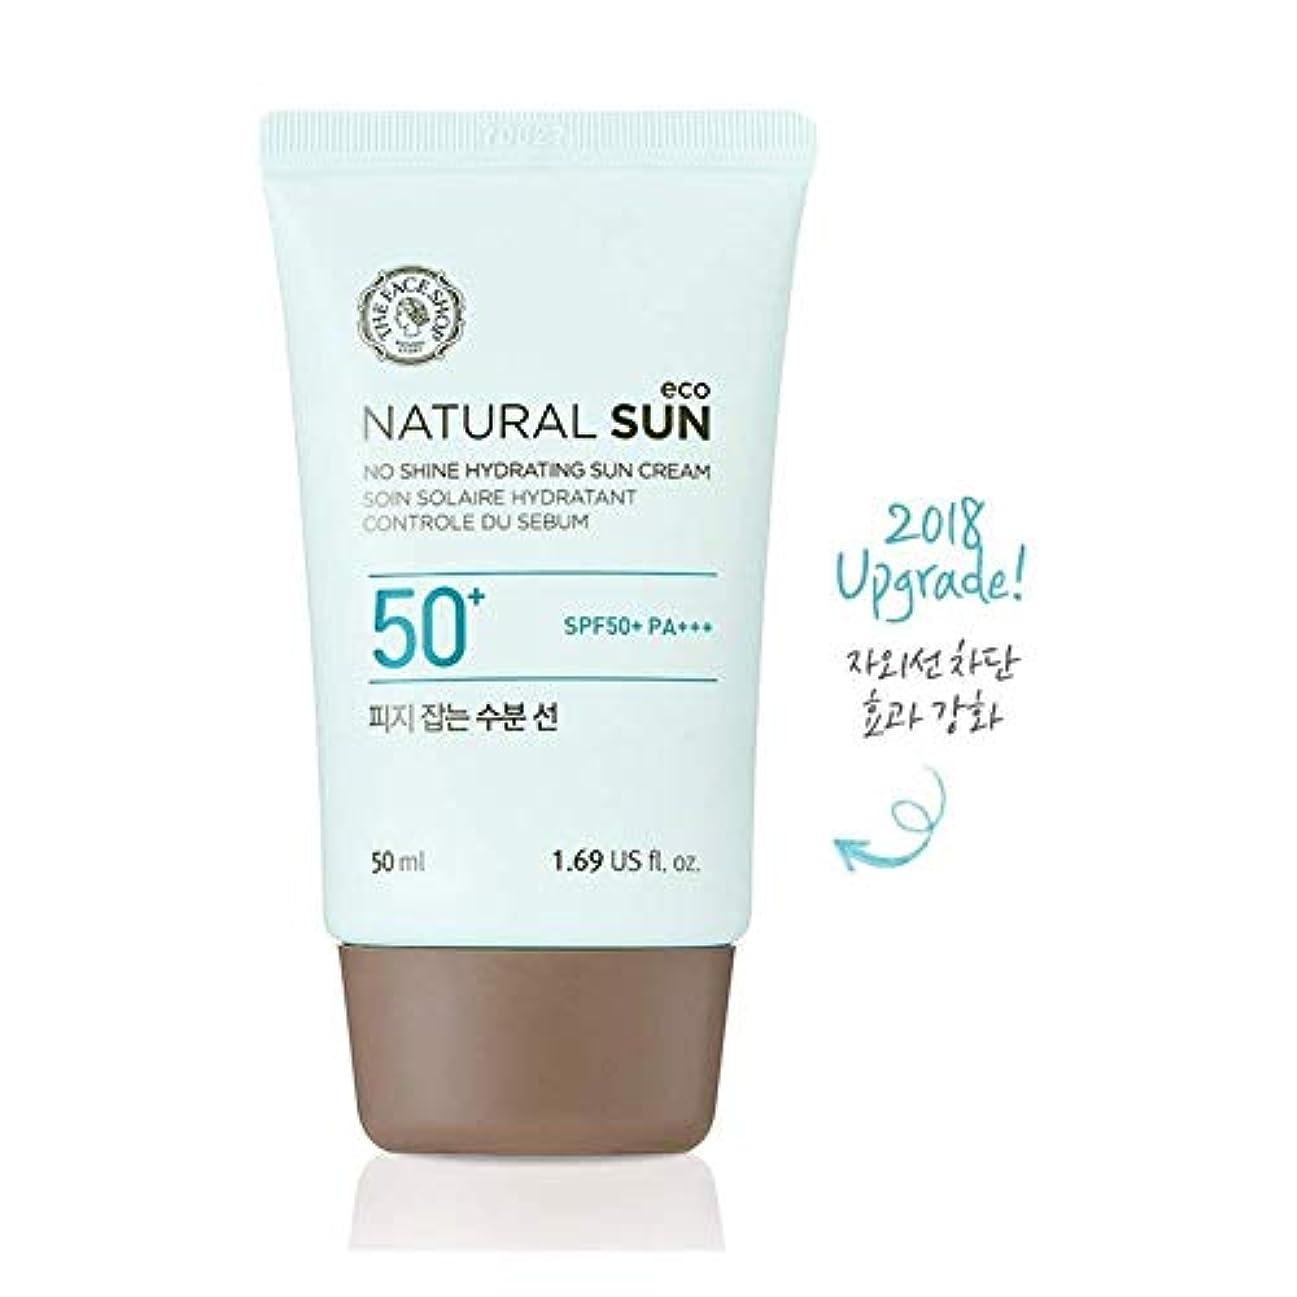 インタビュー入手します血ザ?フェイスショップ ネチュロルソンエコフィジーサン?クリーム SPF50+PA+++50ml 韓国コスメ、The Face Shop Natural Sun Eco No Shine Hydrating Sun Cream...